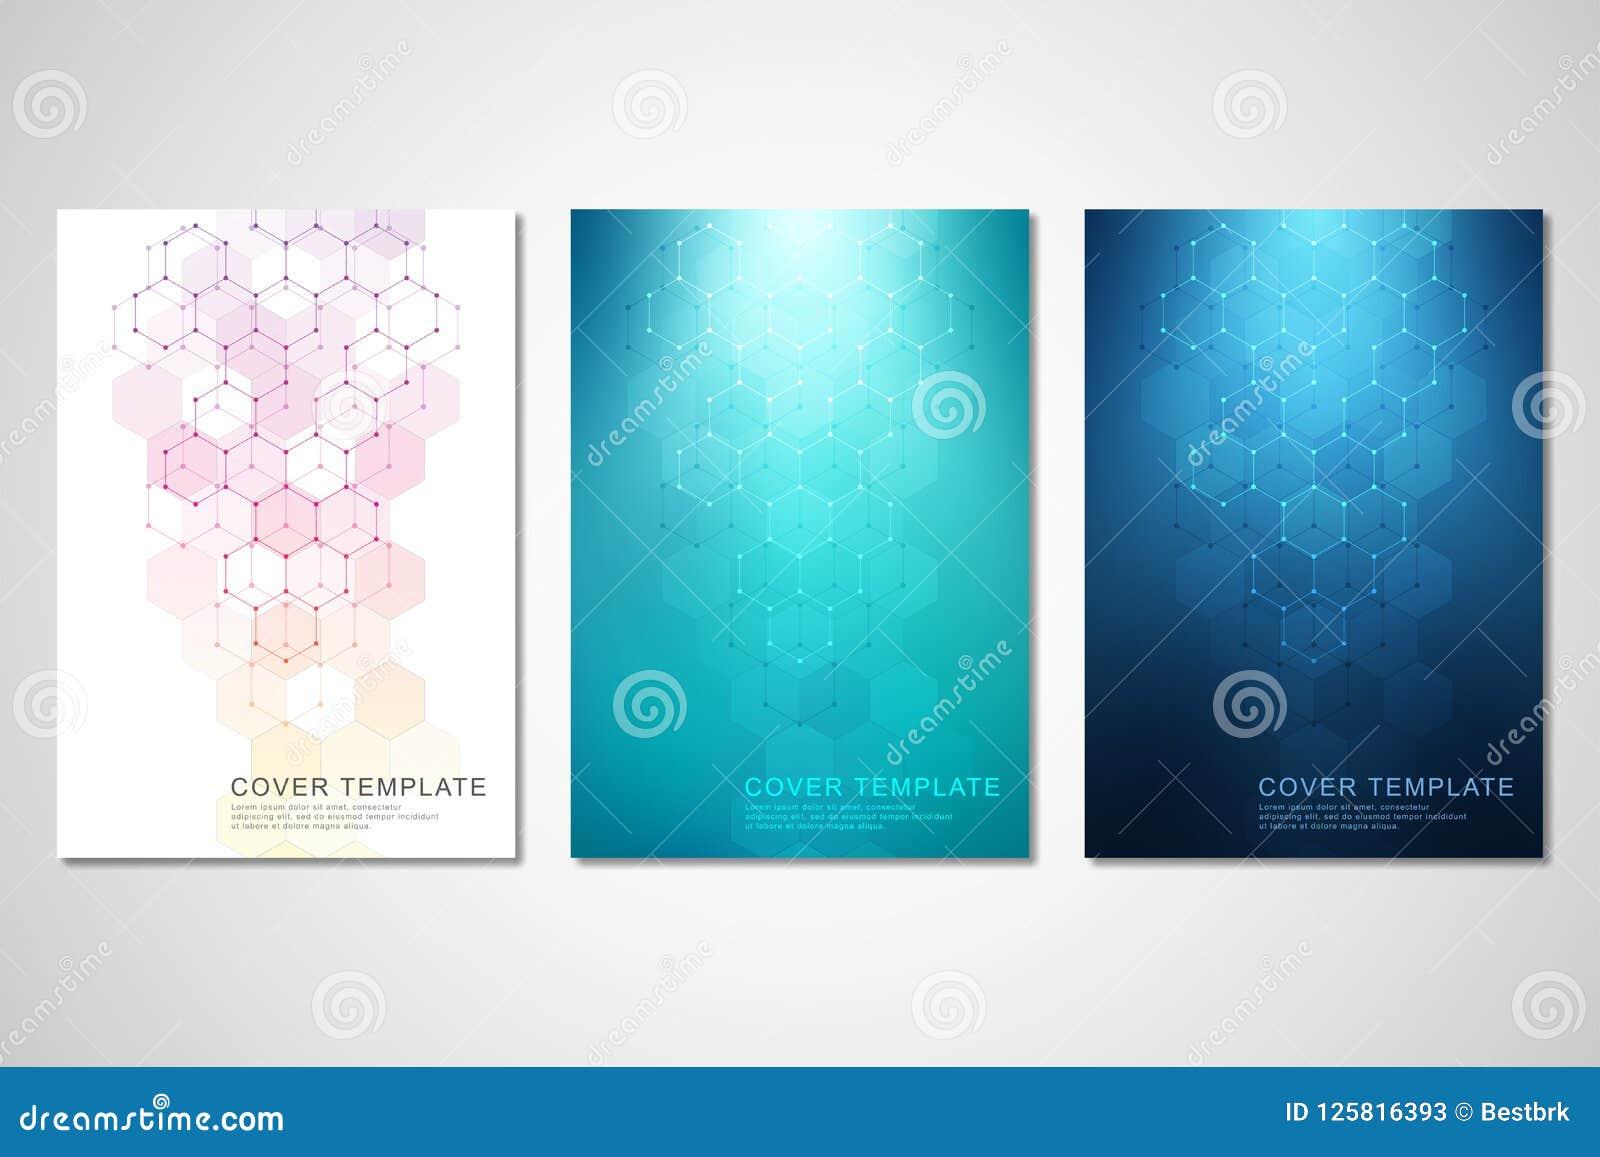 Vektorräkningar eller broschyr för medicin, vetenskap och digital teknologi Geometrisk abstrakt bakgrund med sexhörningar